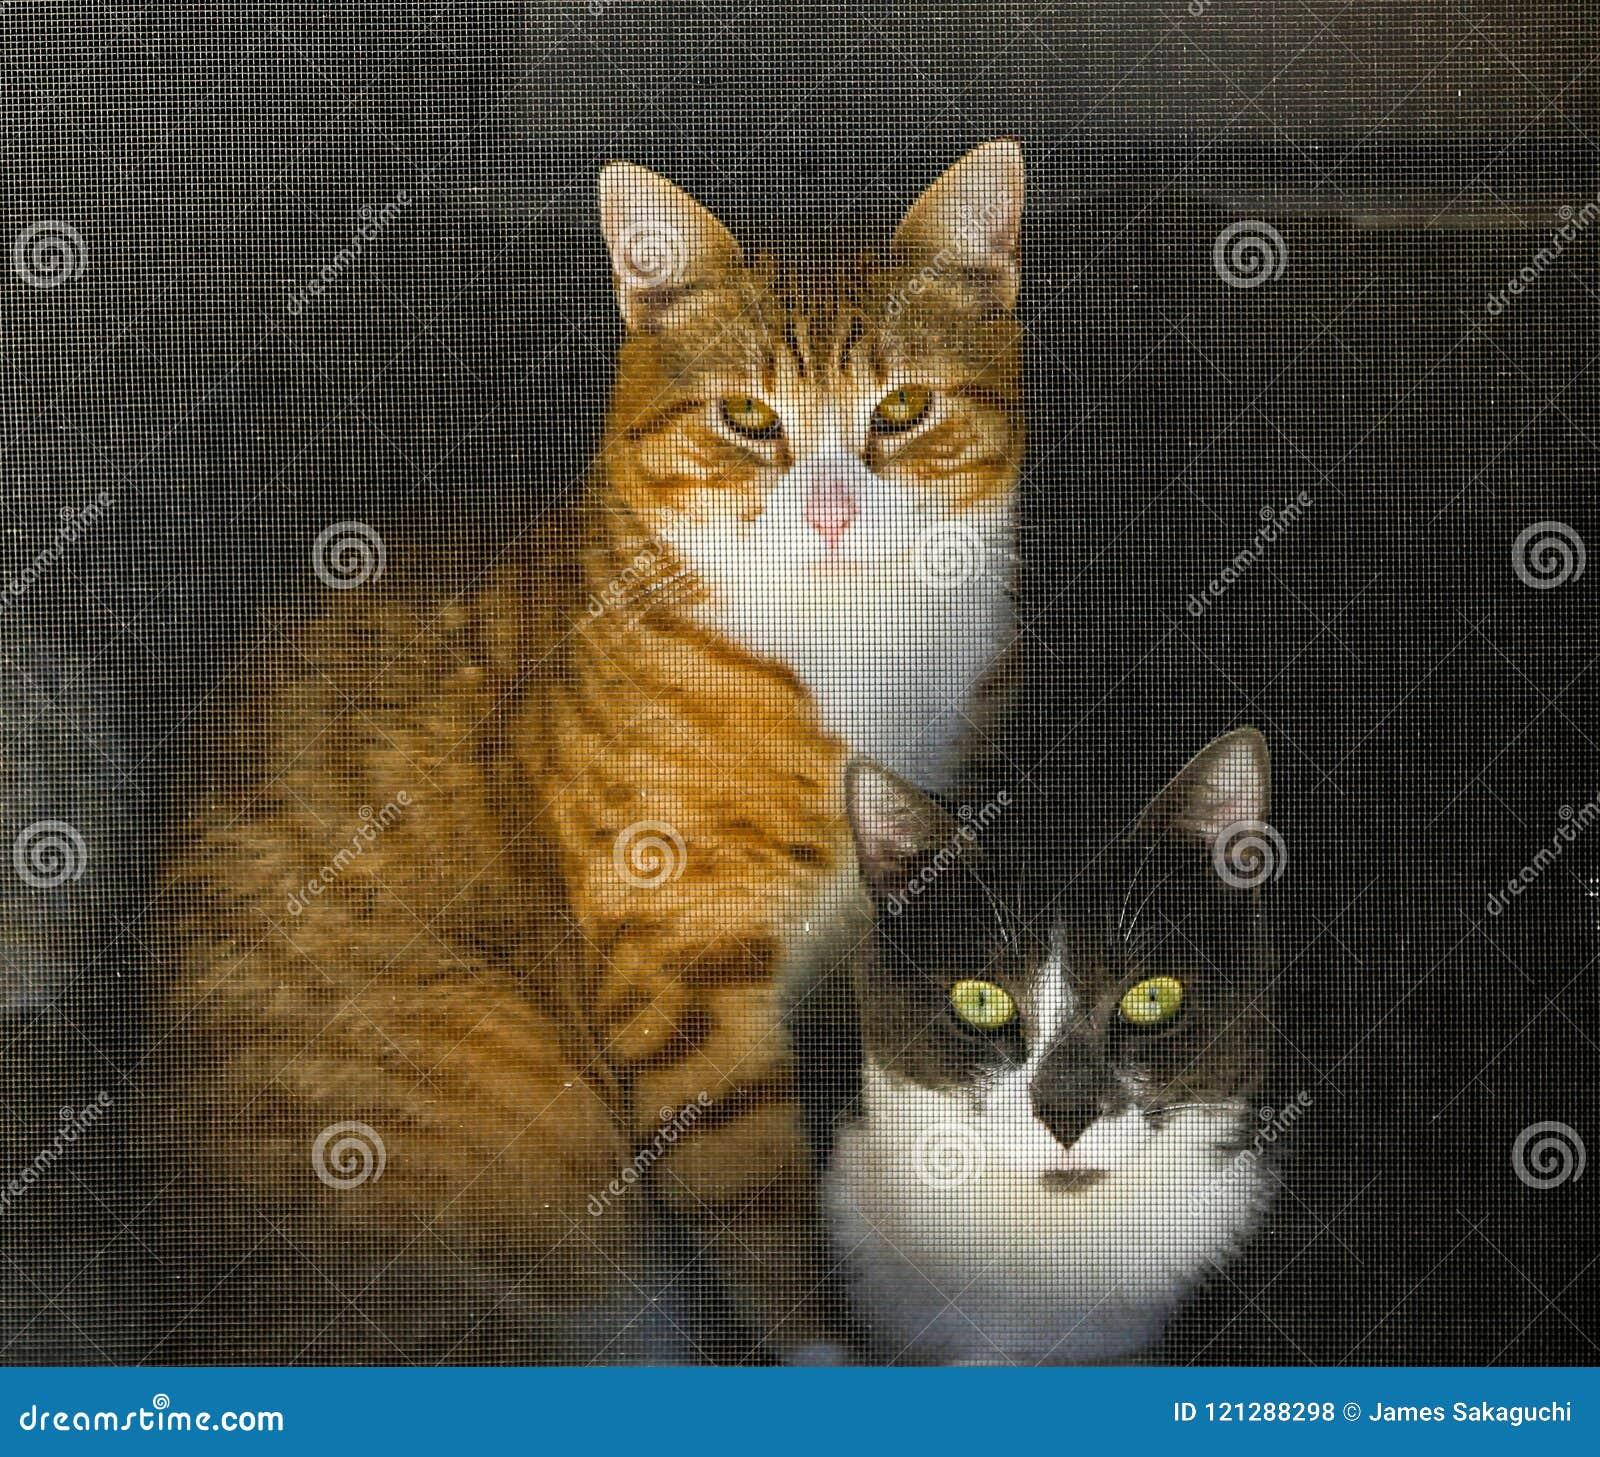 Cats Looking Through A Screen Door Stock Photo Image Of Orange